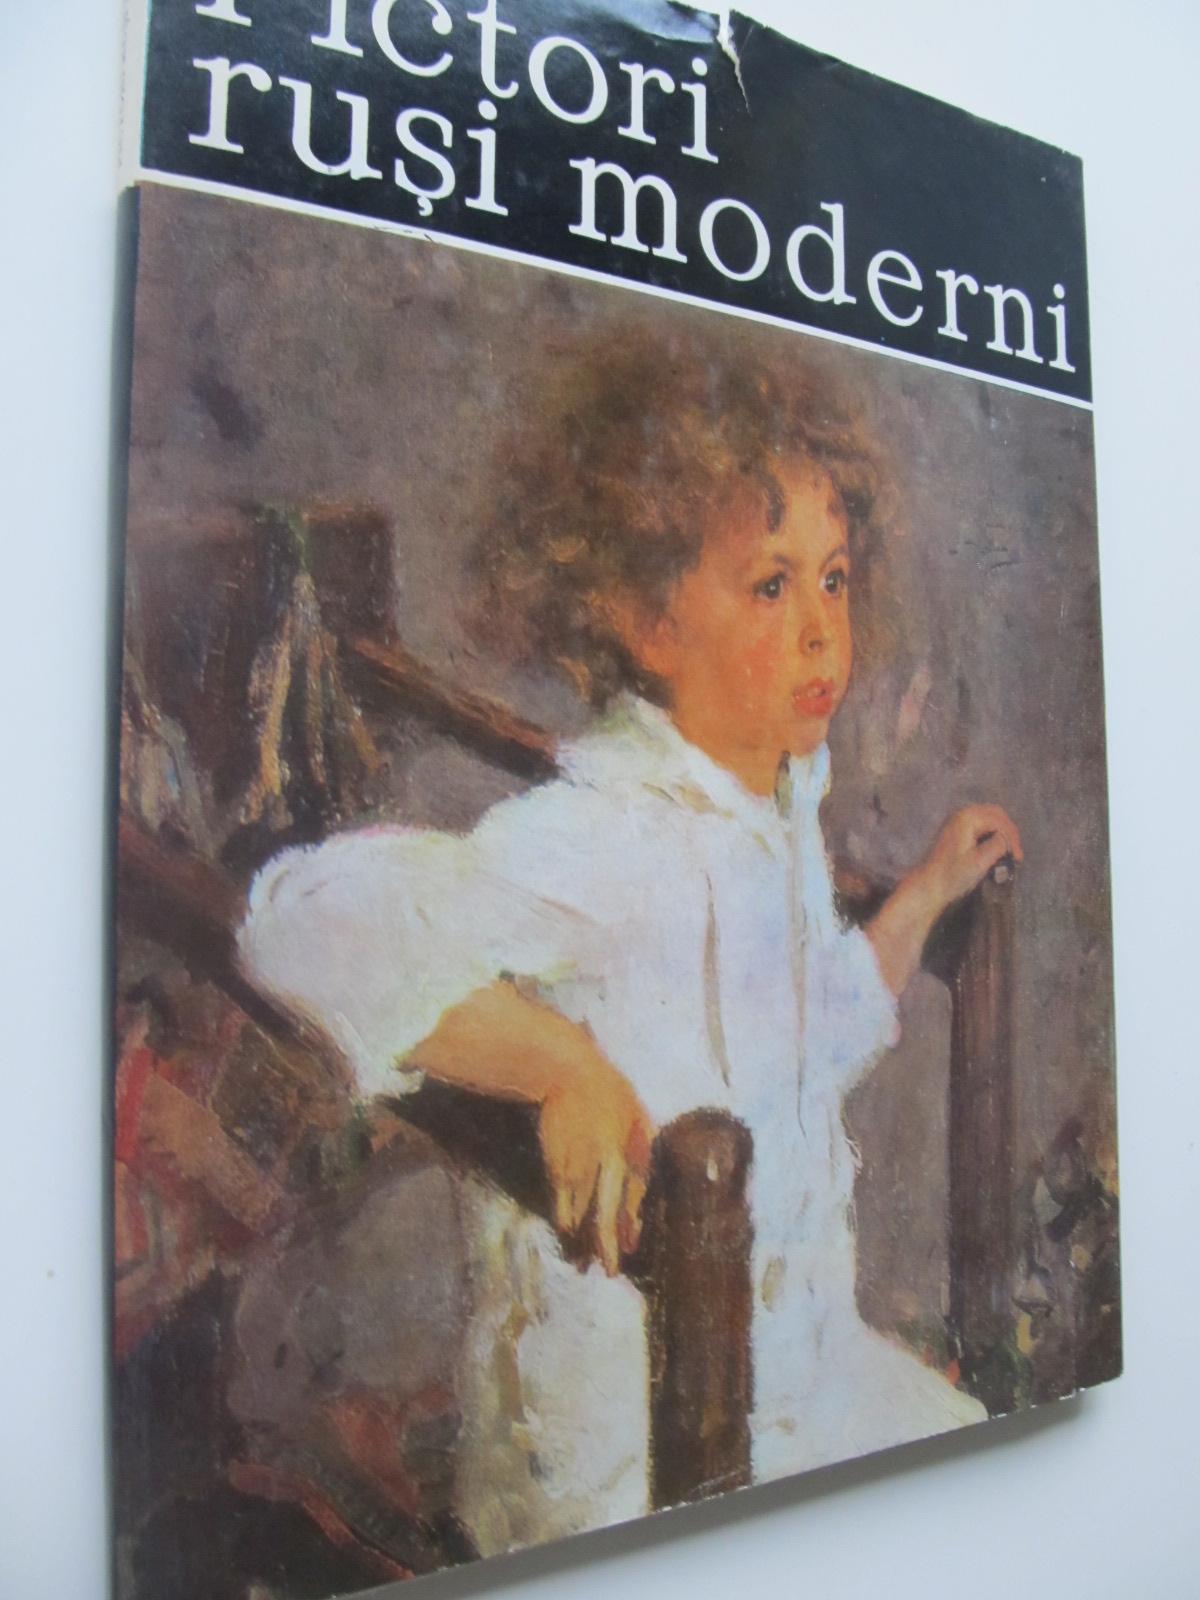 Carte Pictori rusi moderni (Album) - format foarte mare - Vasile Florea